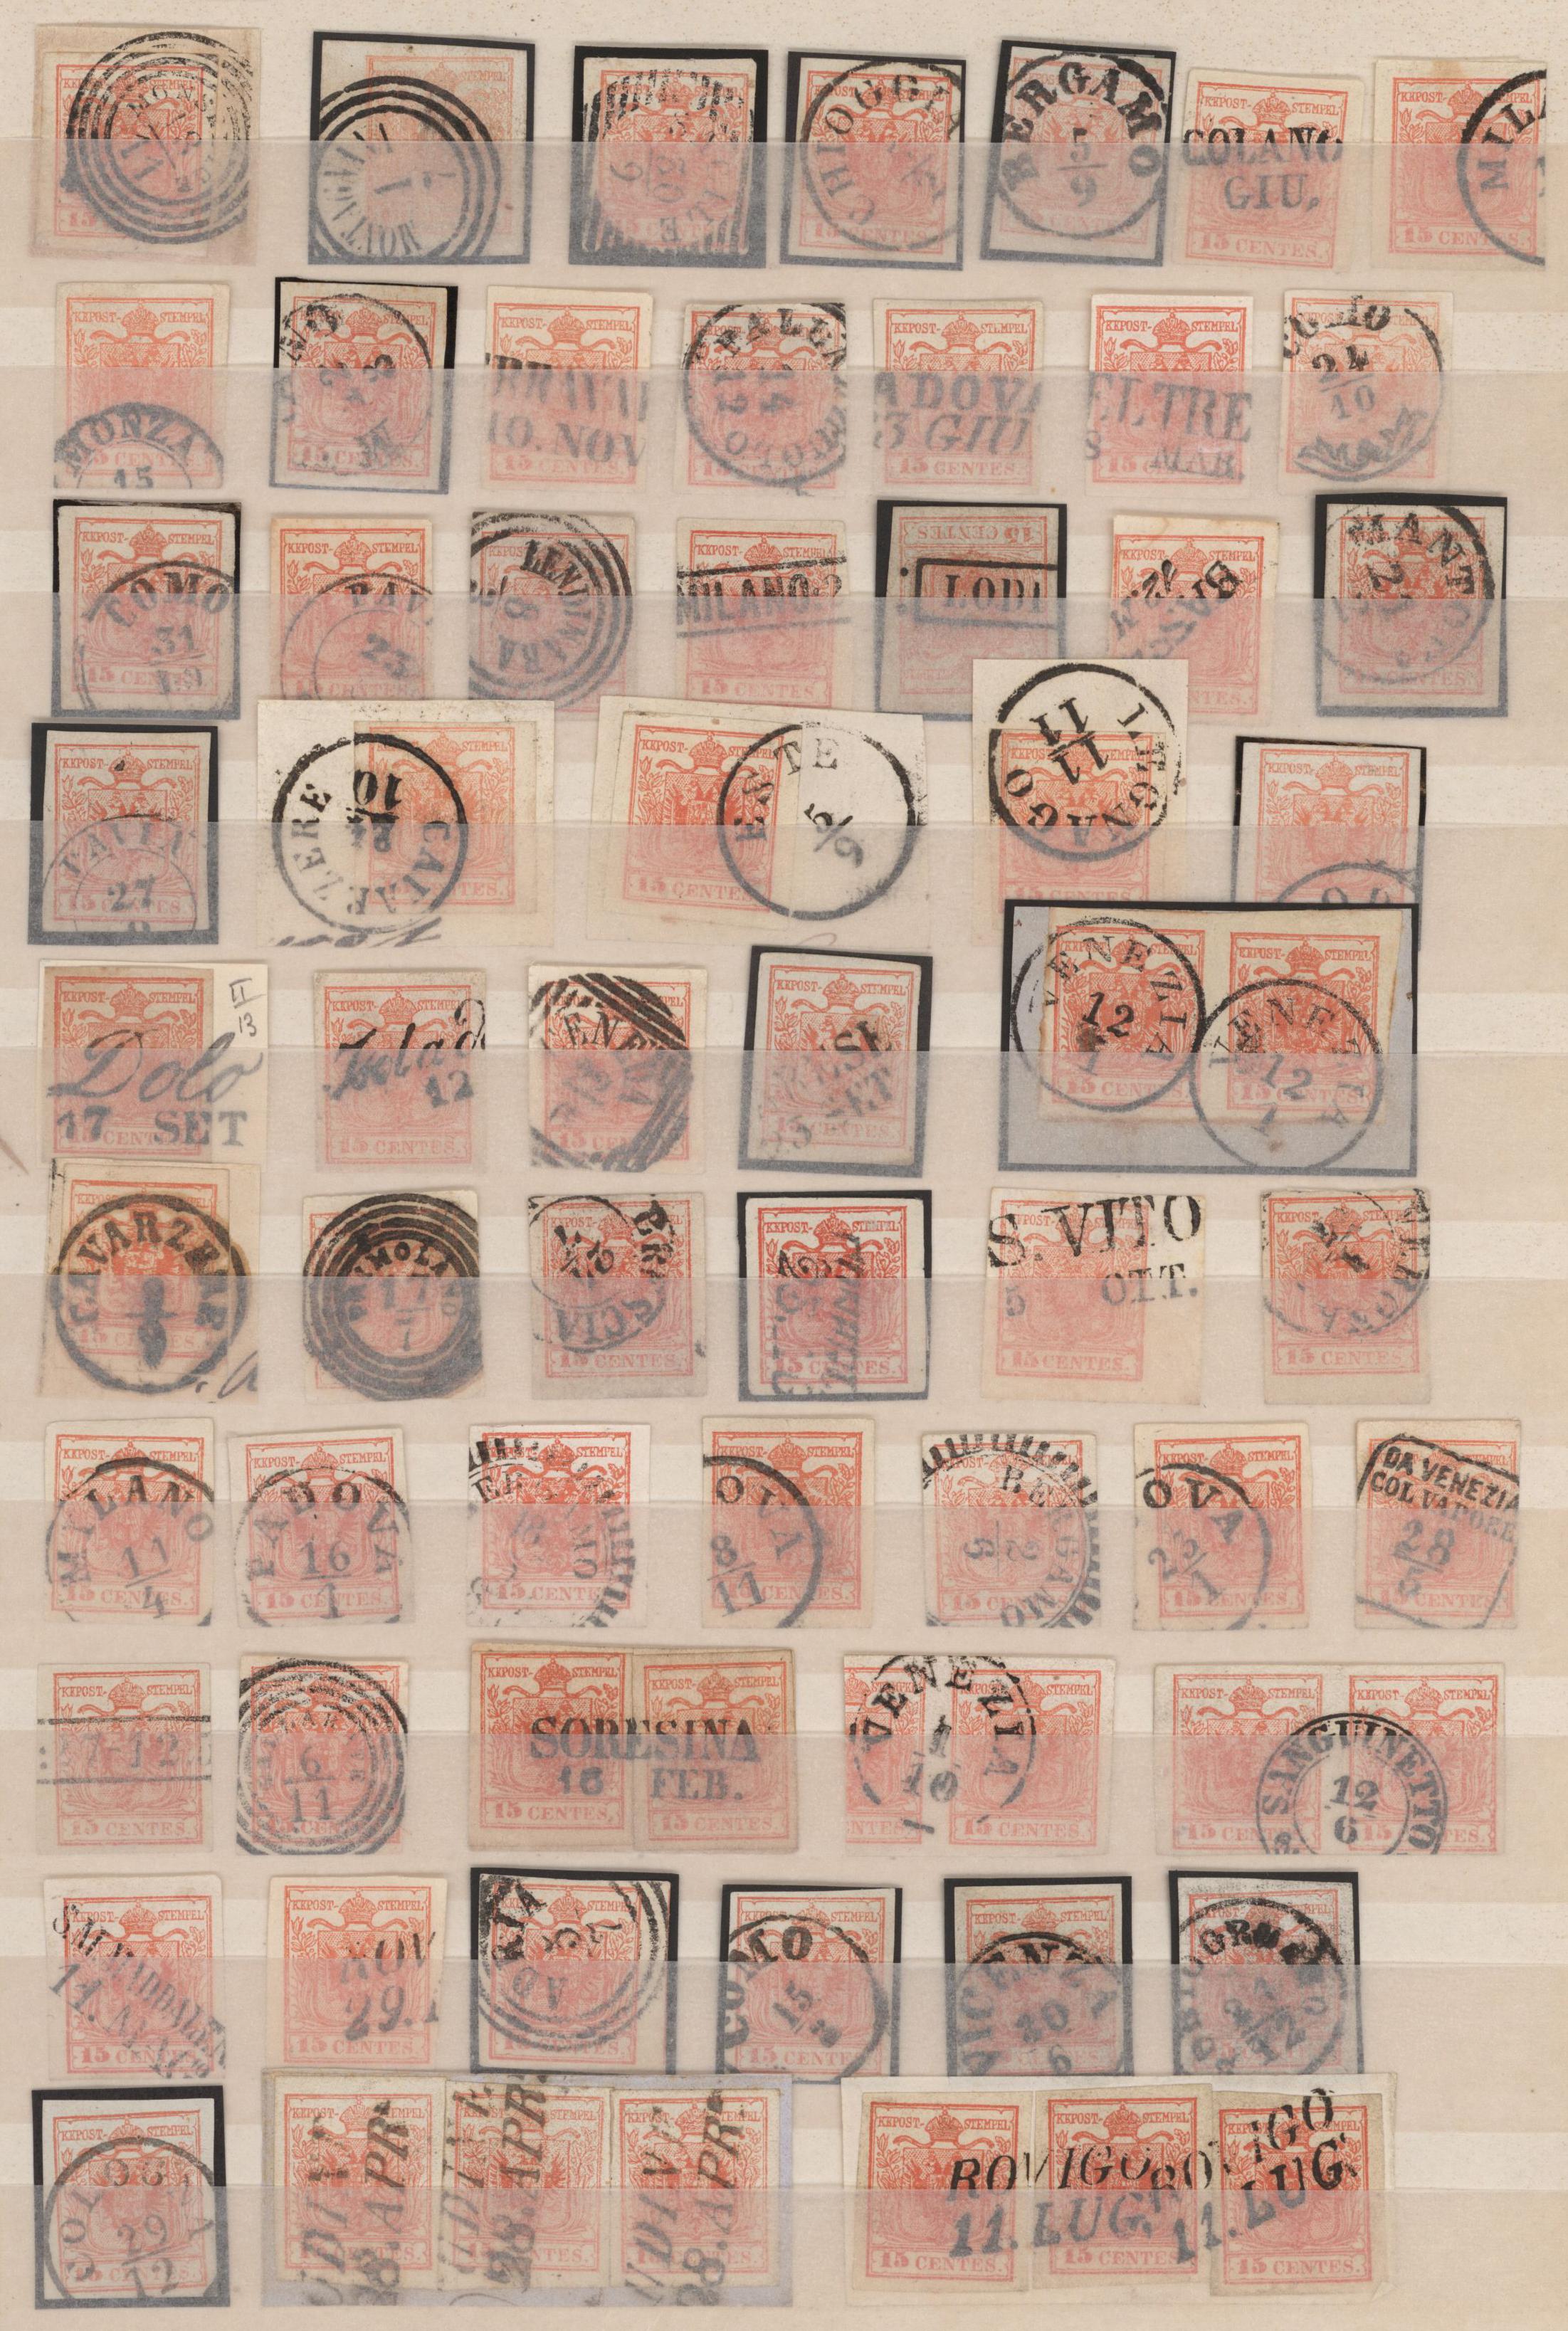 Lot 25001 - Österreich - Lombardei und Venetien  -  Auktionshaus Christoph Gärtner GmbH & Co. KG Sale #46 Collections Worldwide